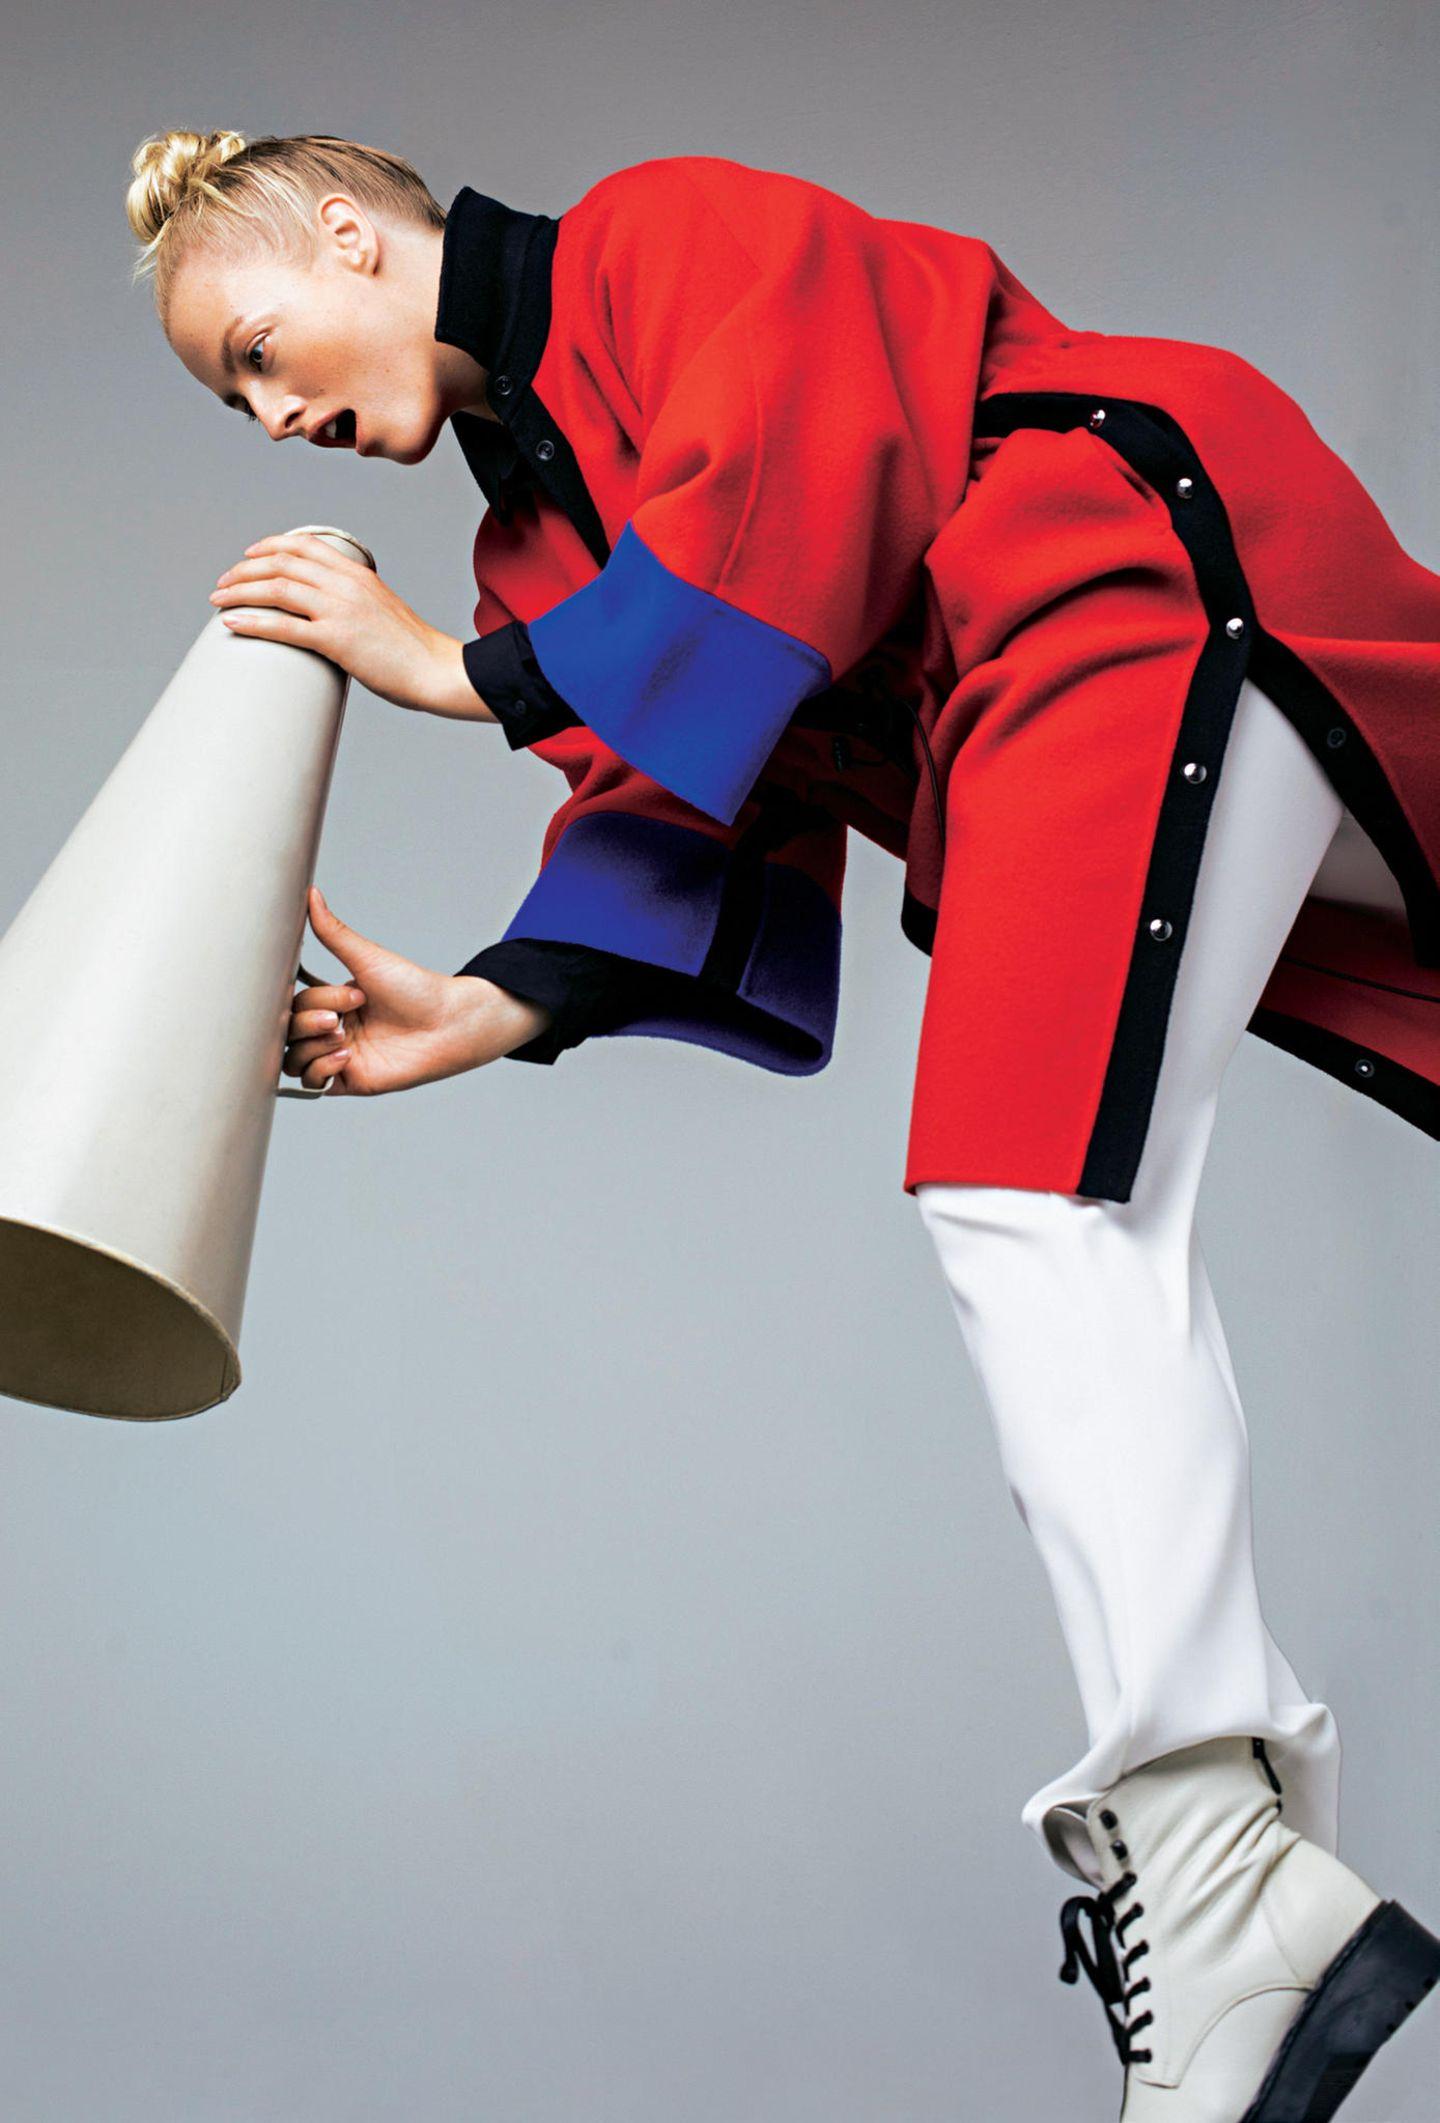 Knallige Farben für den Winter 2019: Sportlich & dynamisch: Roter Mantel